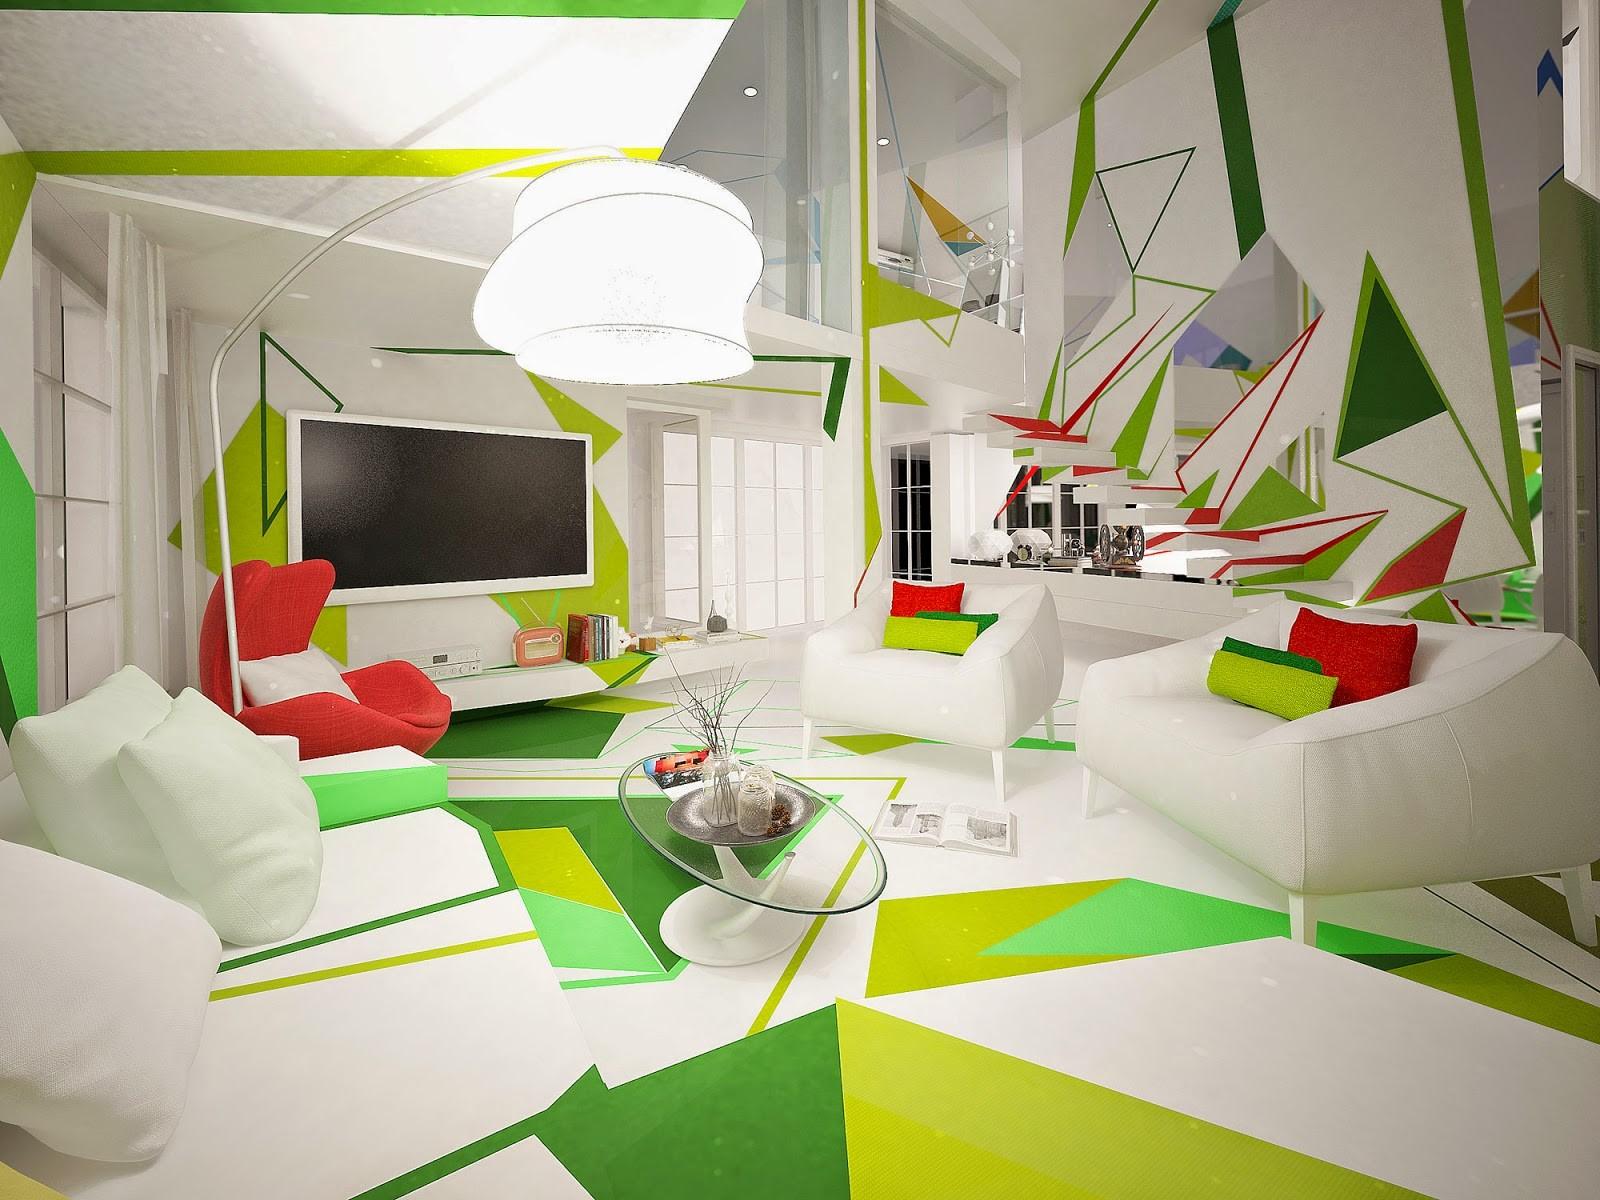 33 phong cách thiết kế nội thất được yêu thích nhất hiện nay